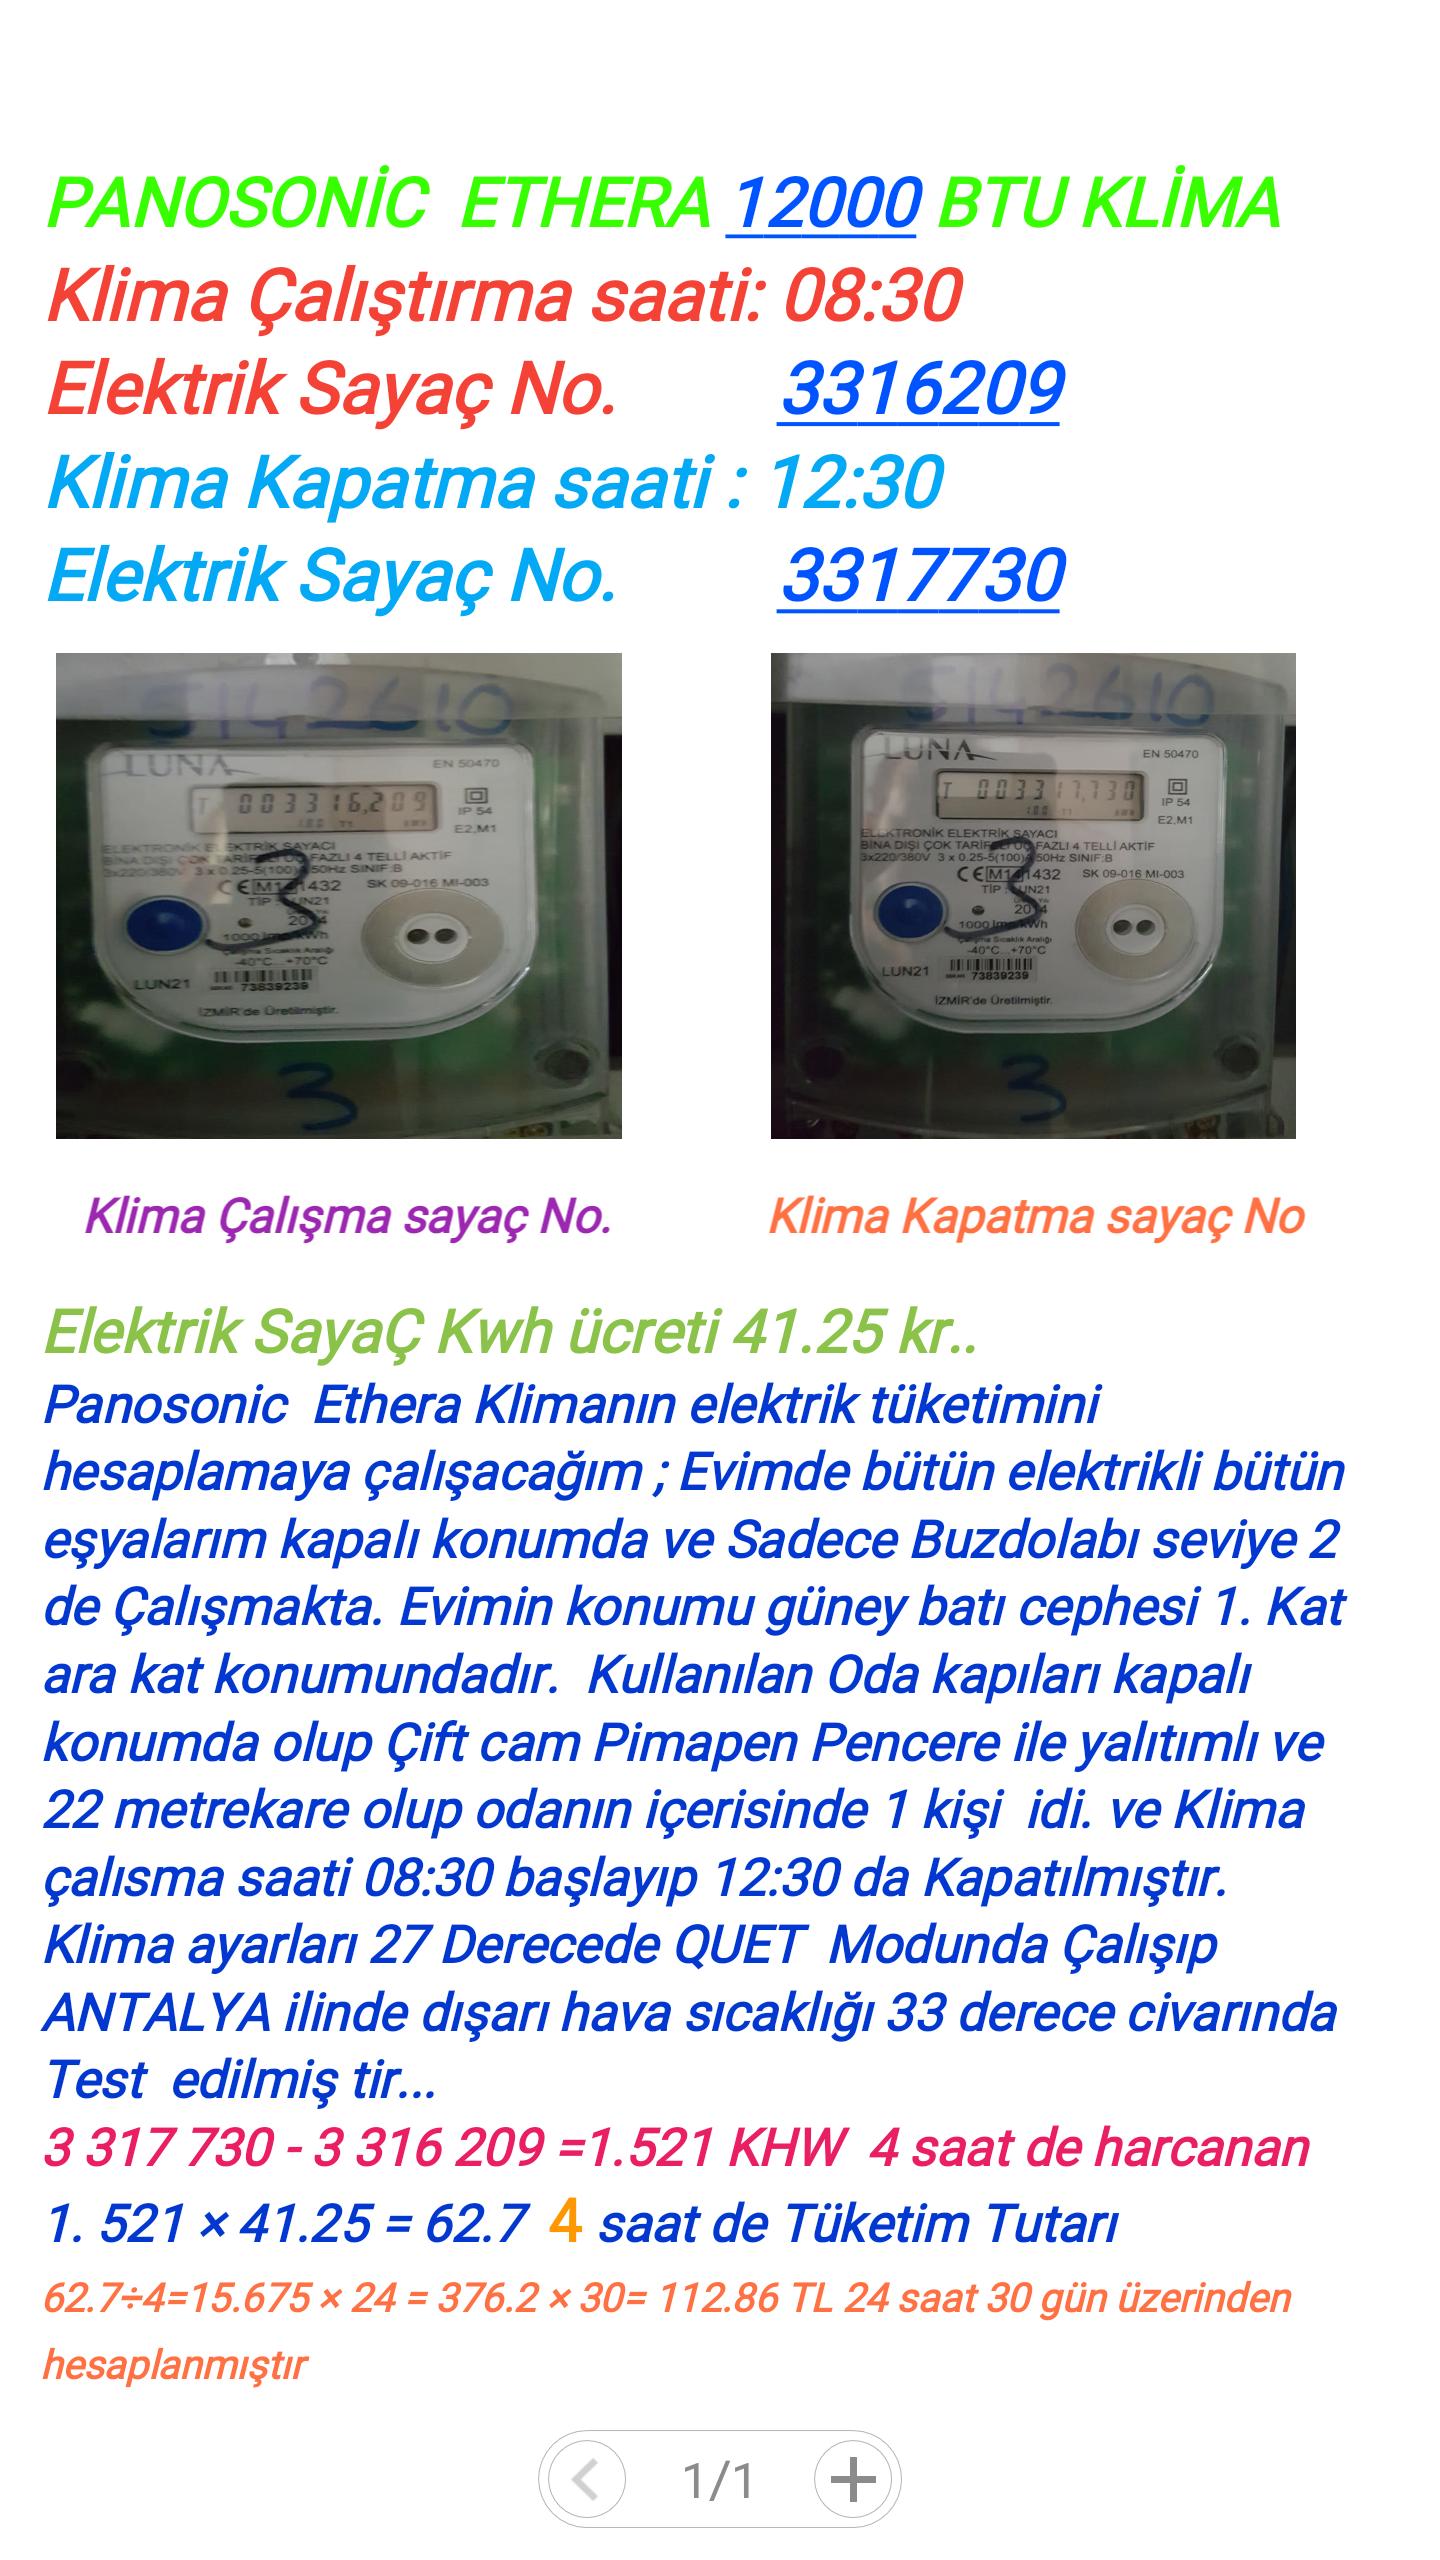 klima ne kadar elektrik tüketir? » sayfa 2 - 2